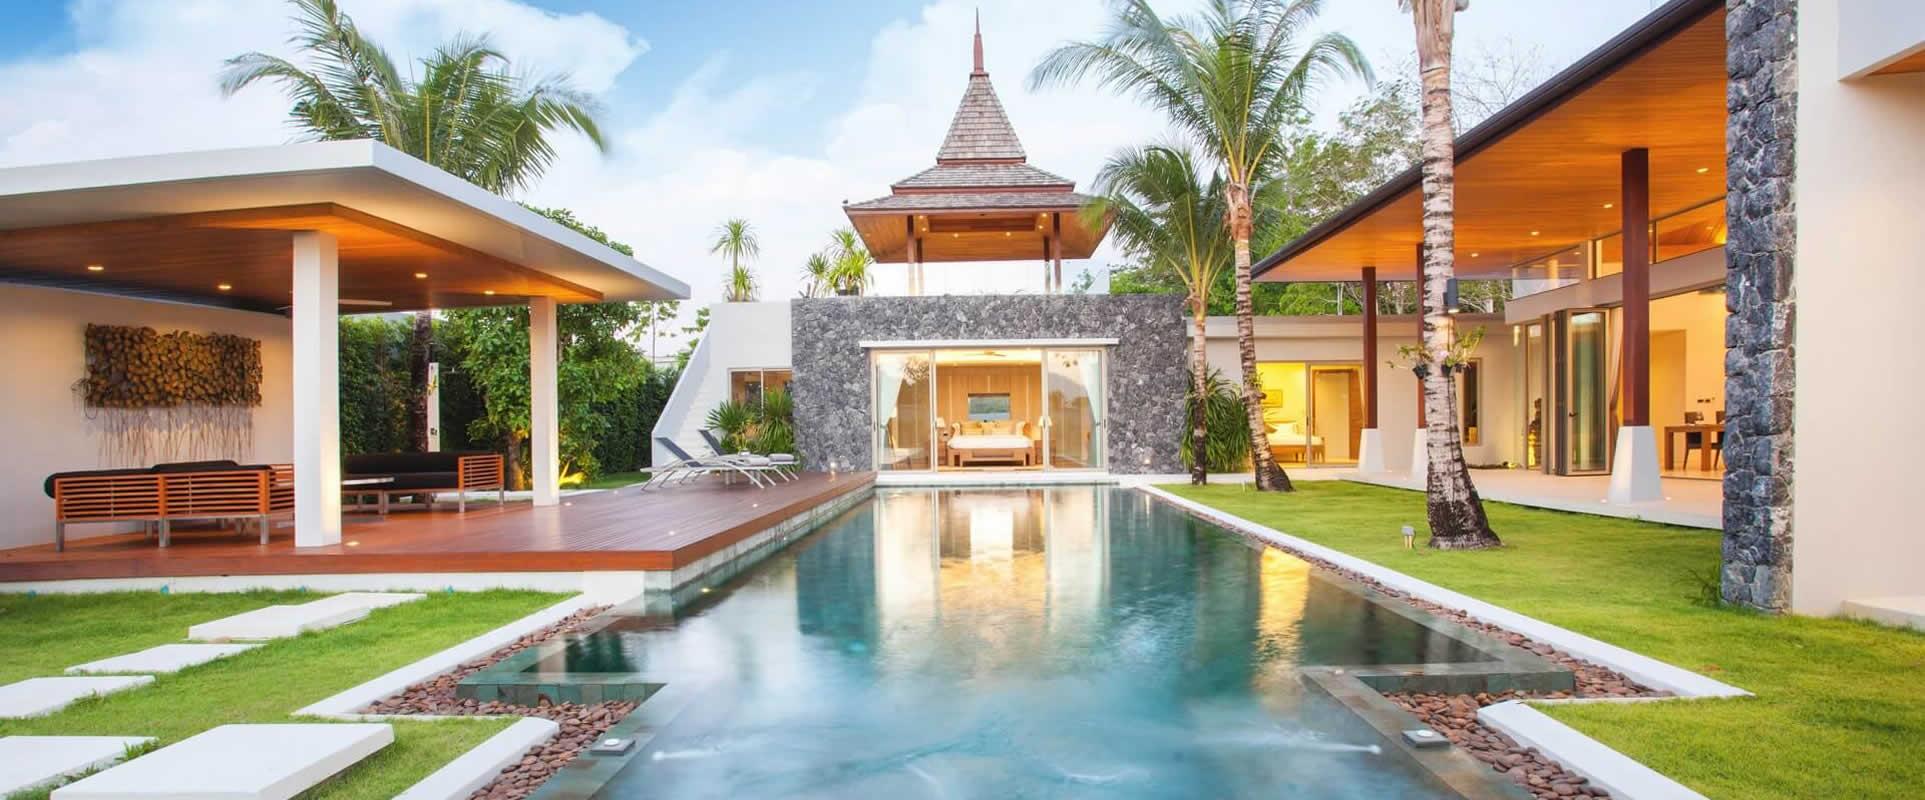 All Phuket Real Estate